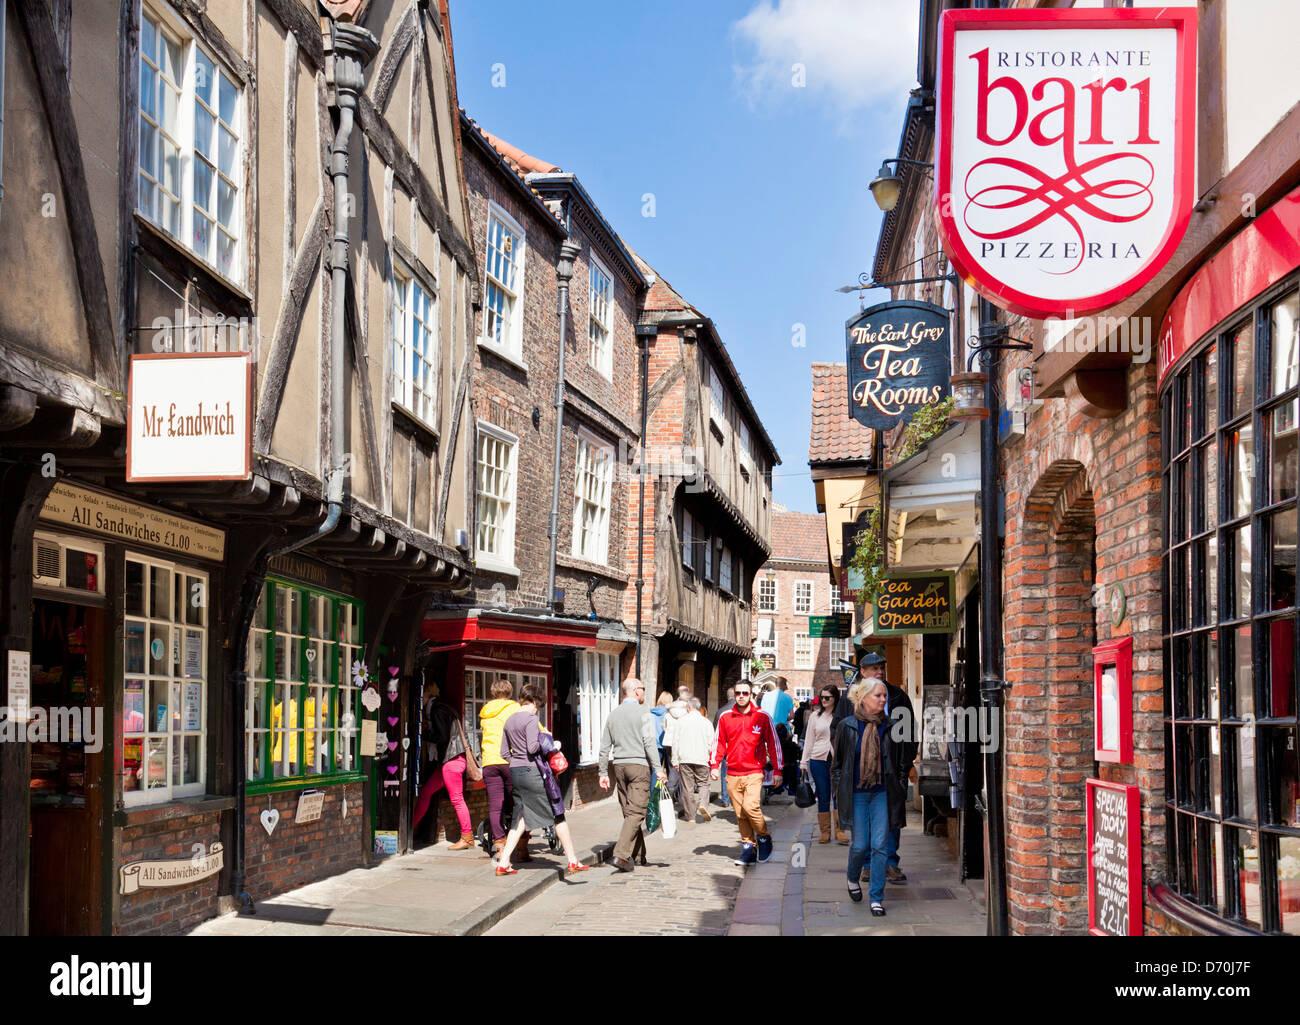 La pagaille, l'étroite rue de pans de vieux bâtiments médiévaux, York, North Yorkshire England, Photo Stock